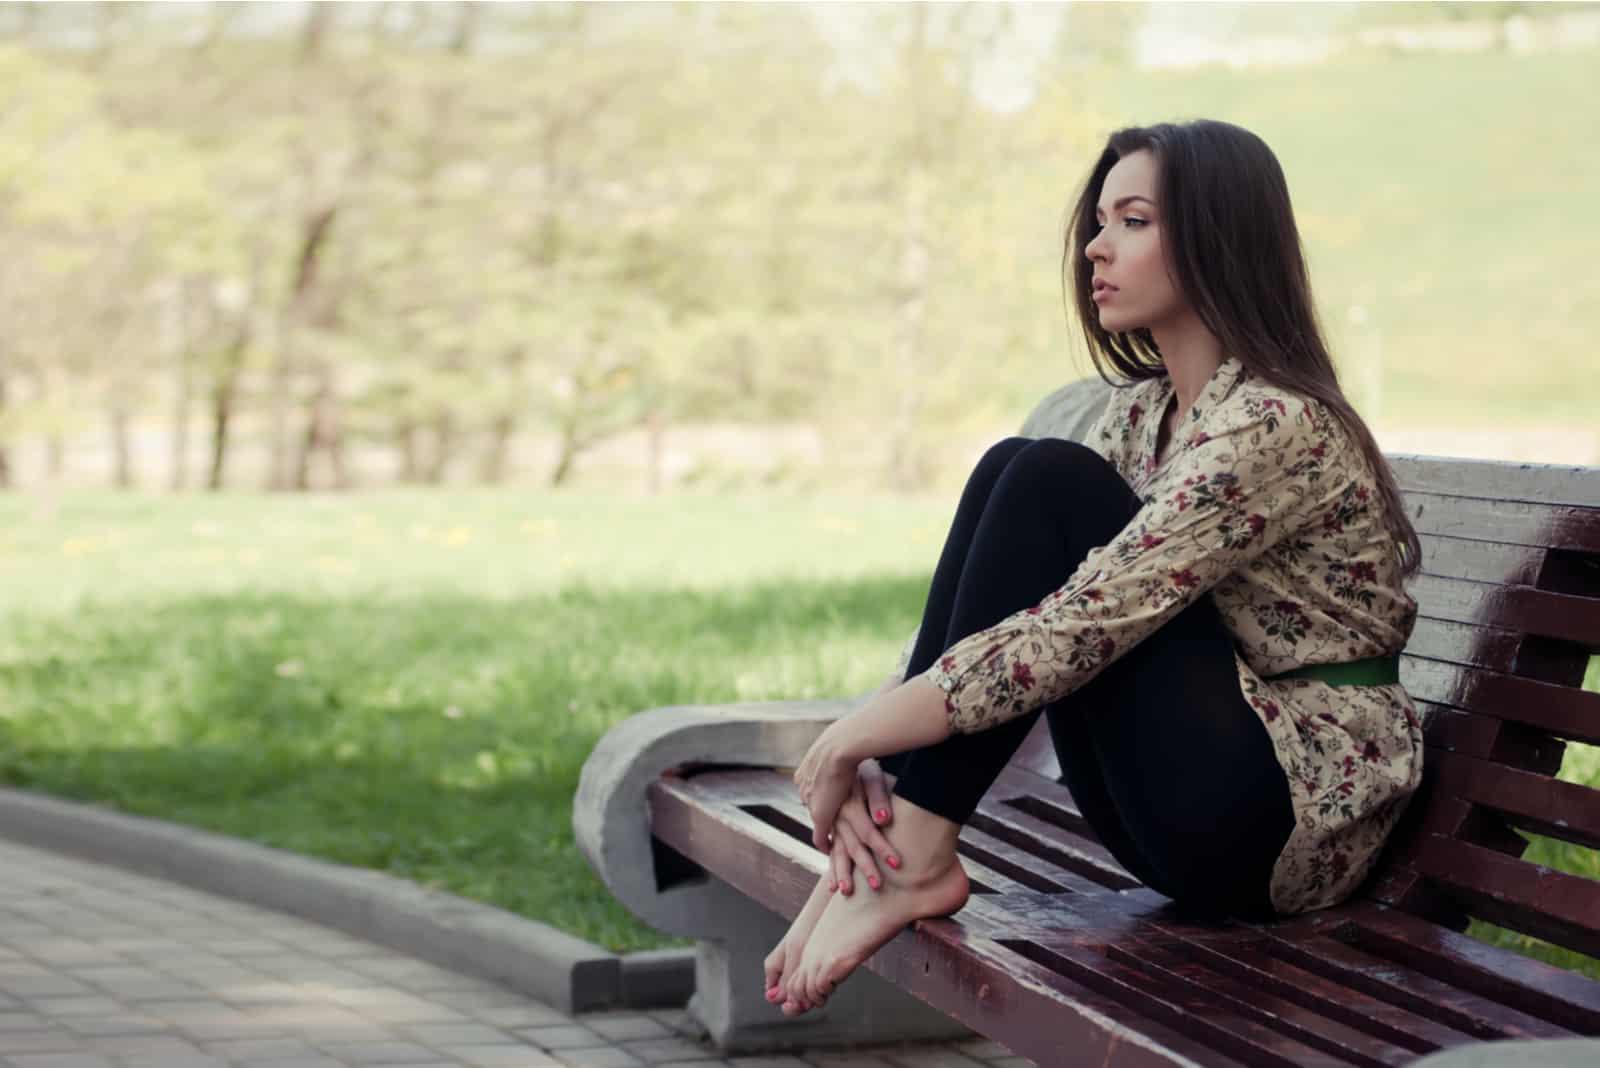 Schönes Mädchen, das auf der Bank sitzt